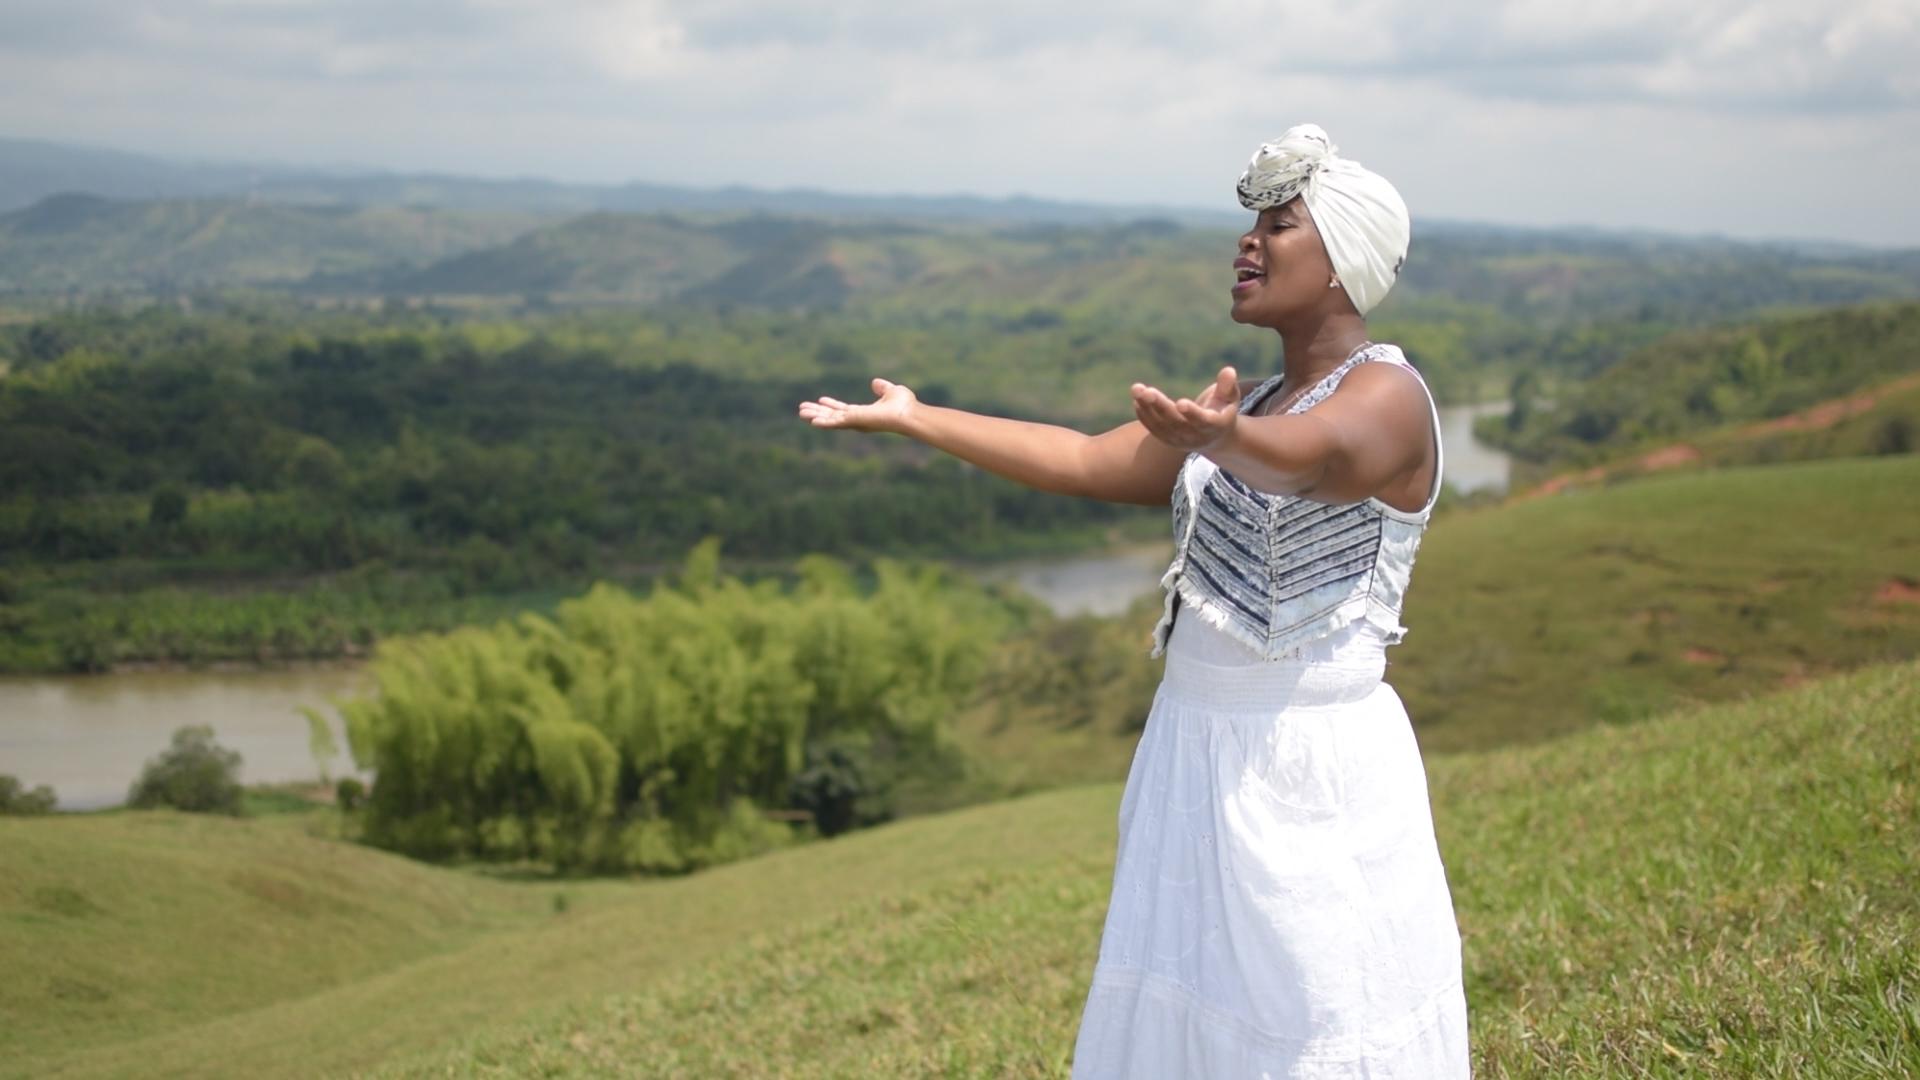 Polifonía, documental sobre mujeres afro y música